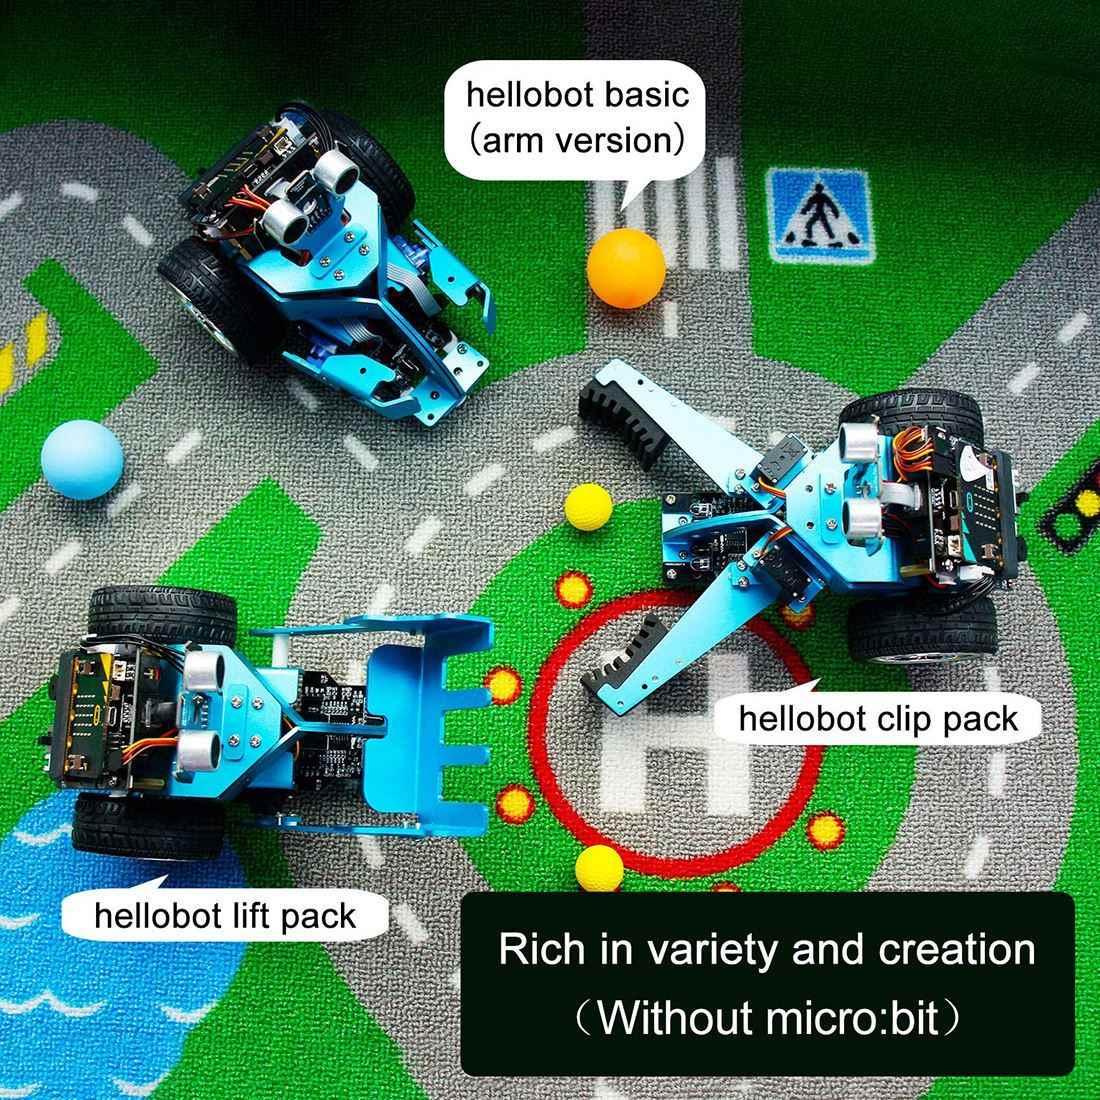 Rowsfire 3-в-1 Tem паровой классическая игрушка роботы-машины для досуга Взрослых Графический программируемый робот игрушечные машинки + bluetooth ИК слежения модуль